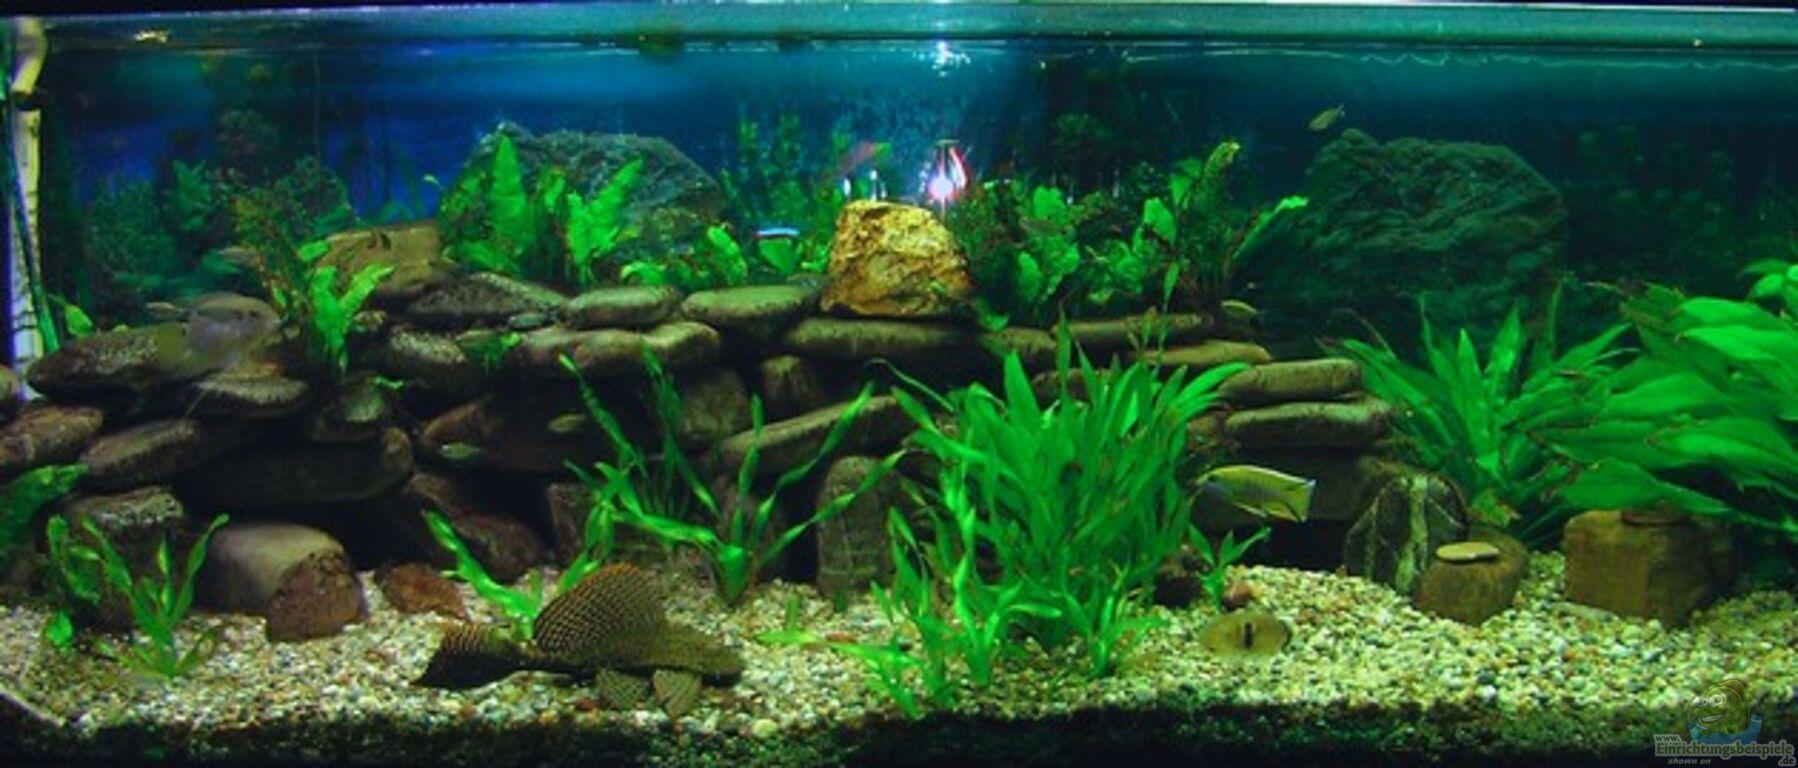 aquarium von jeaw70 becken 4018. Black Bedroom Furniture Sets. Home Design Ideas